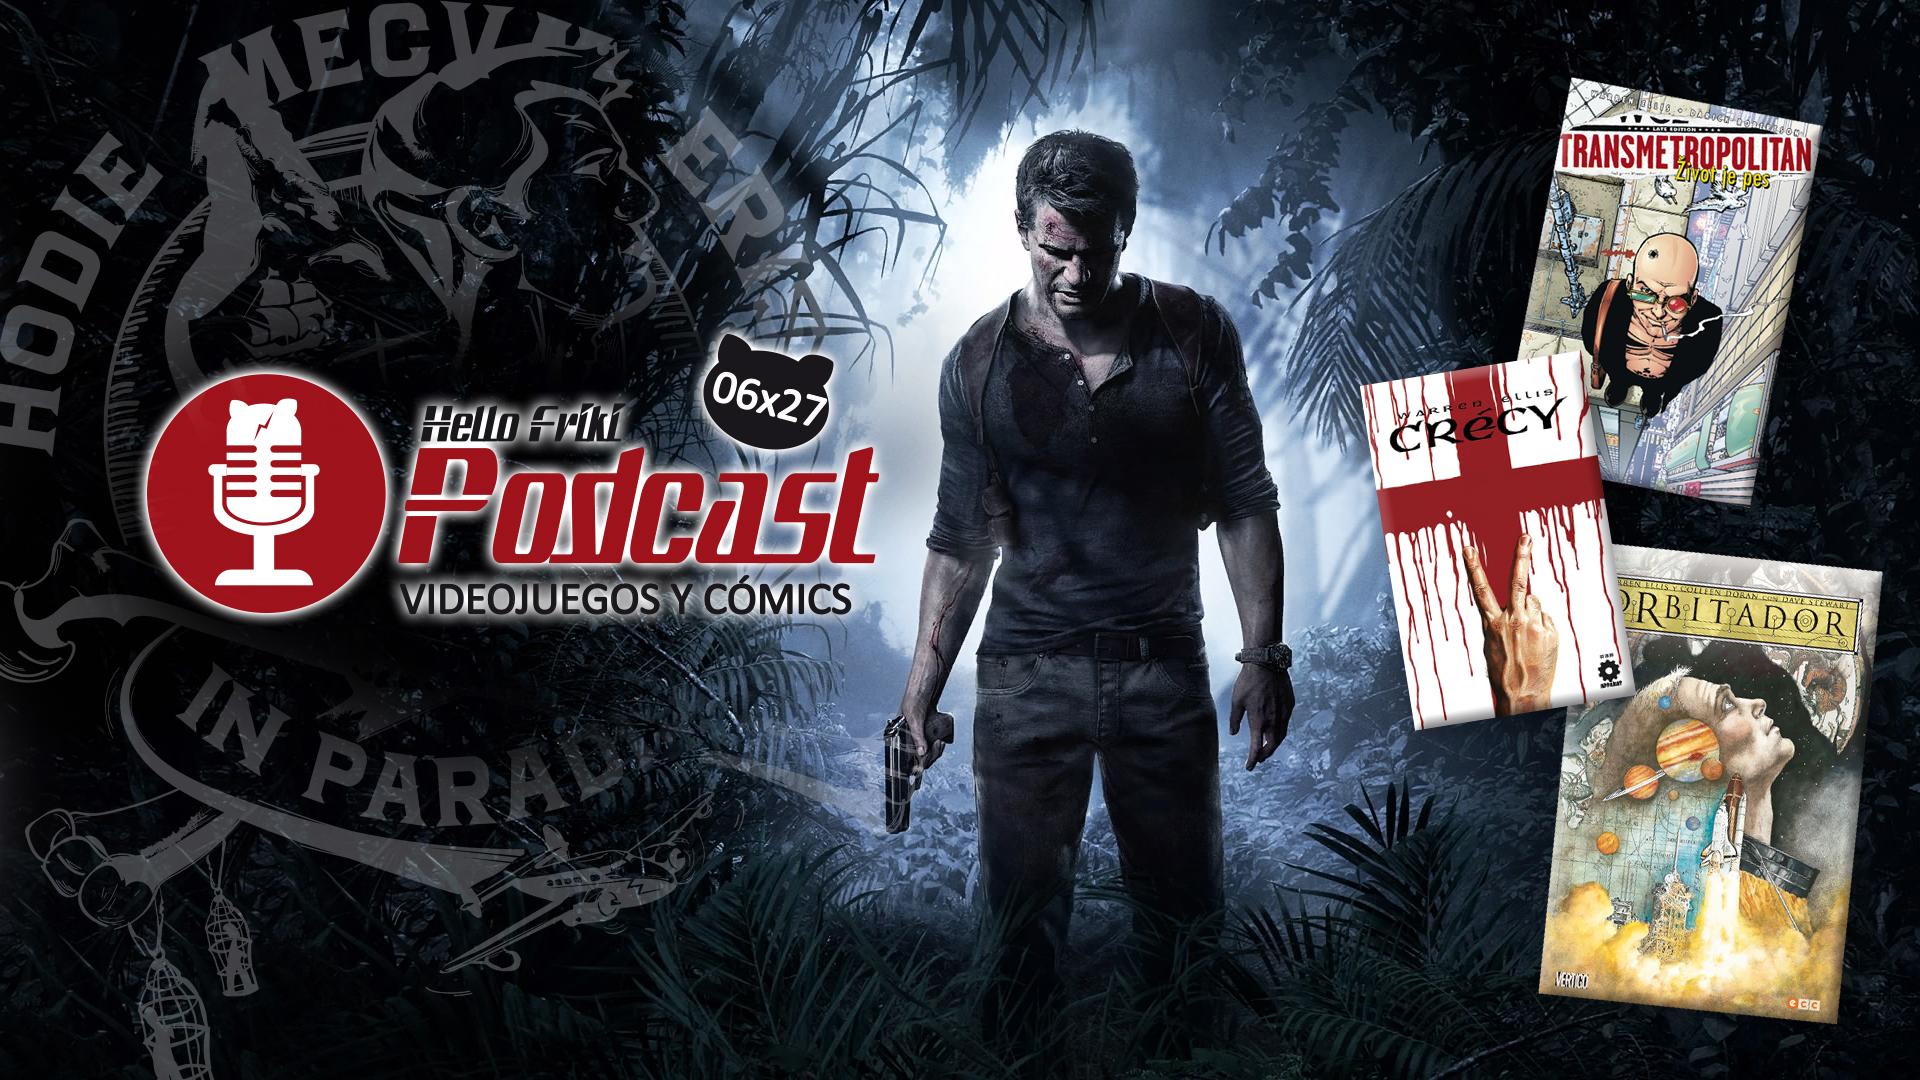 HF 6×27 Videojuegos y Cómics: Uncharted 4, Warren Ellis...